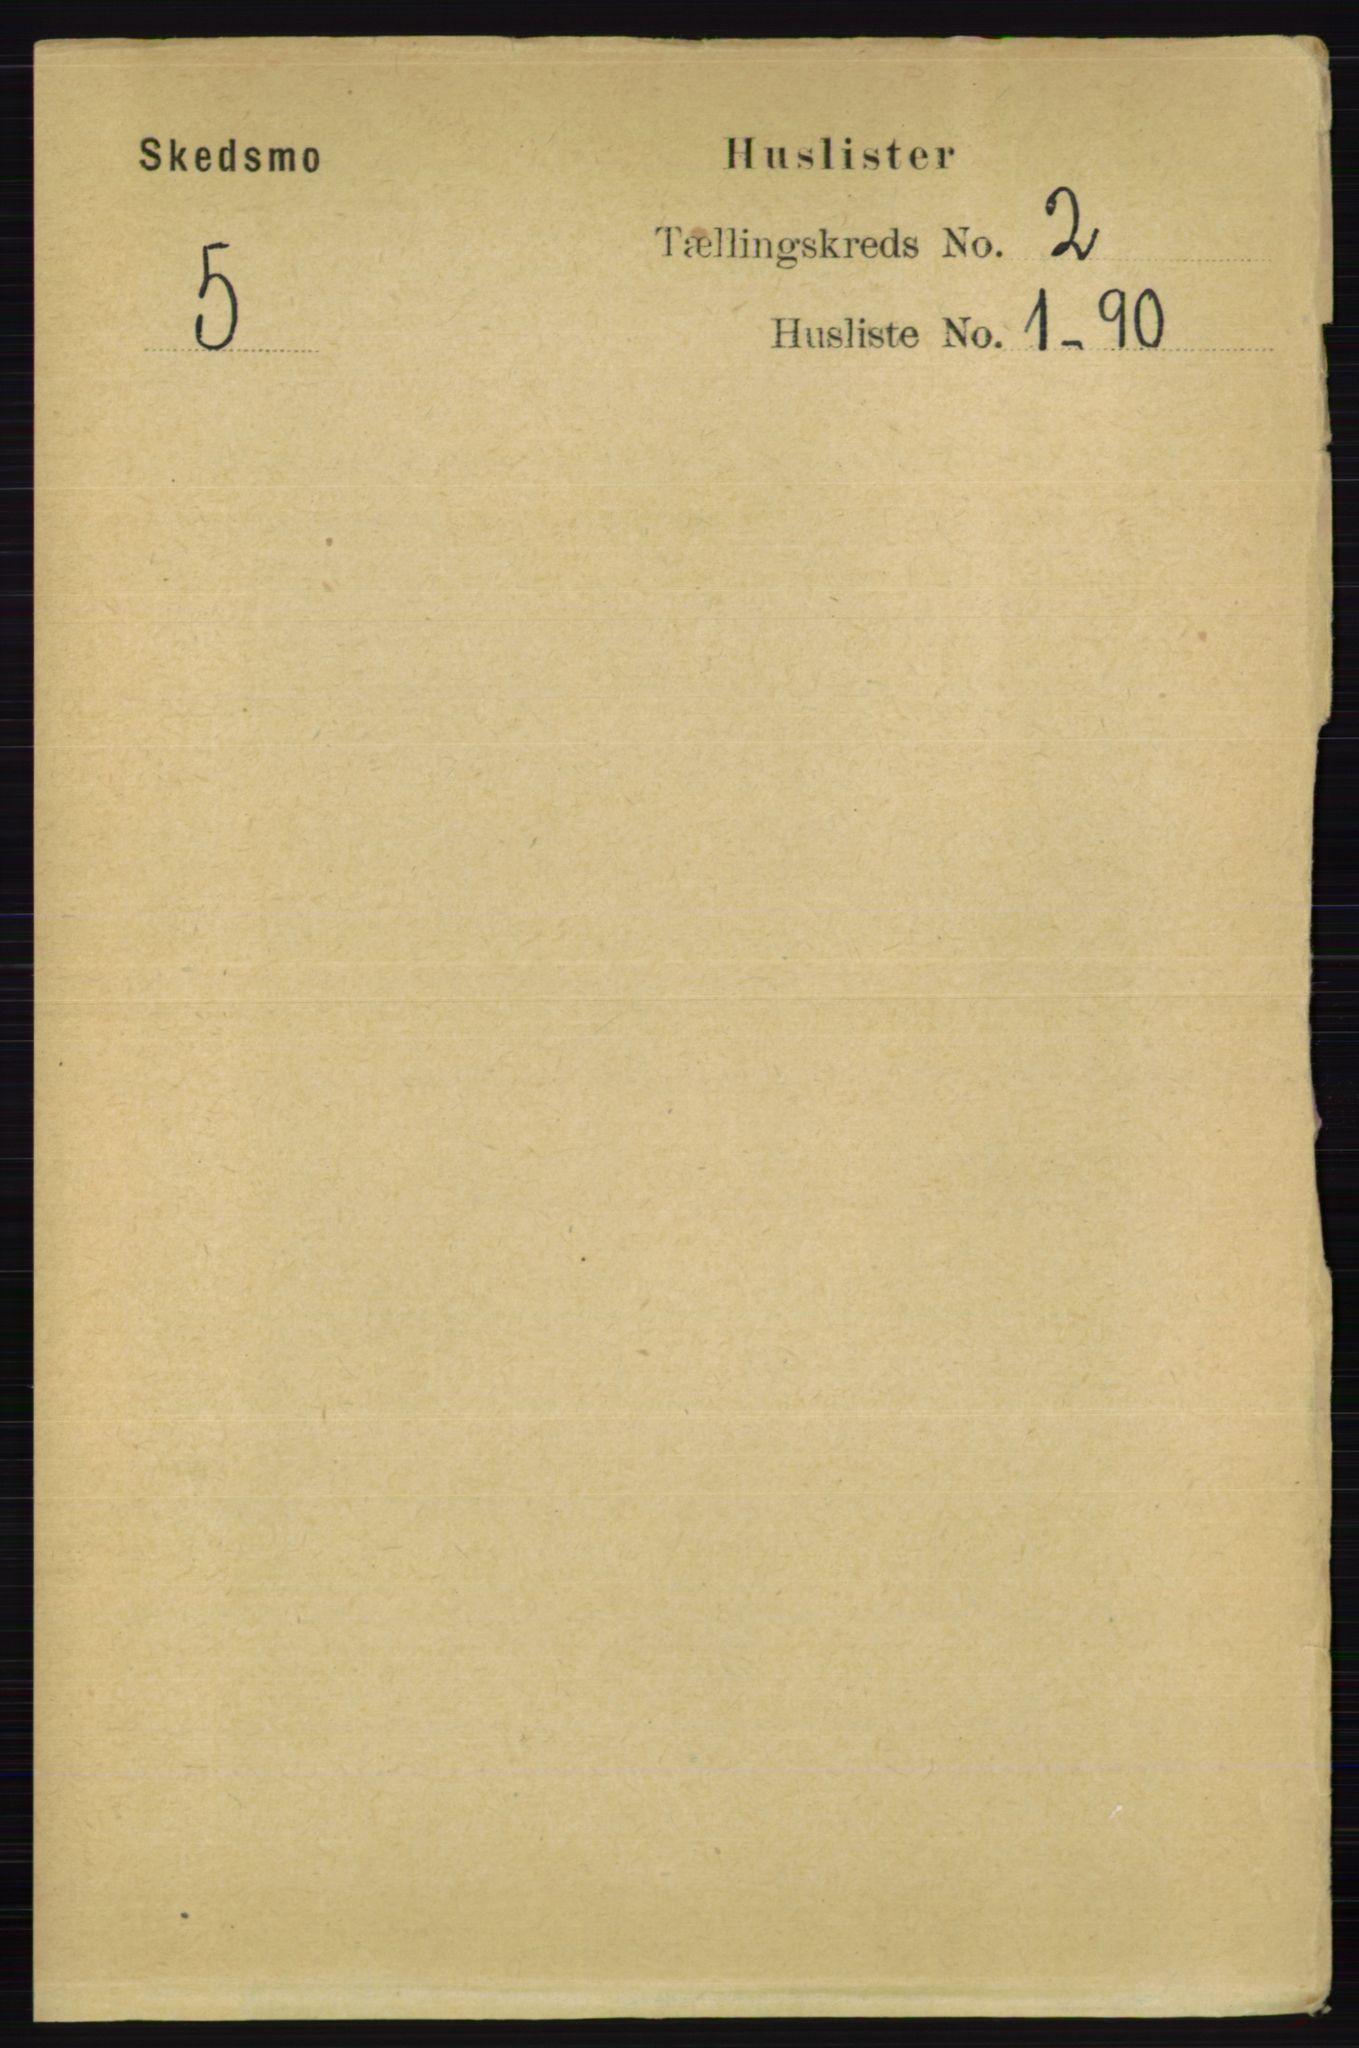 RA, Folketelling 1891 for 0231 Skedsmo herred, 1891, s. 509